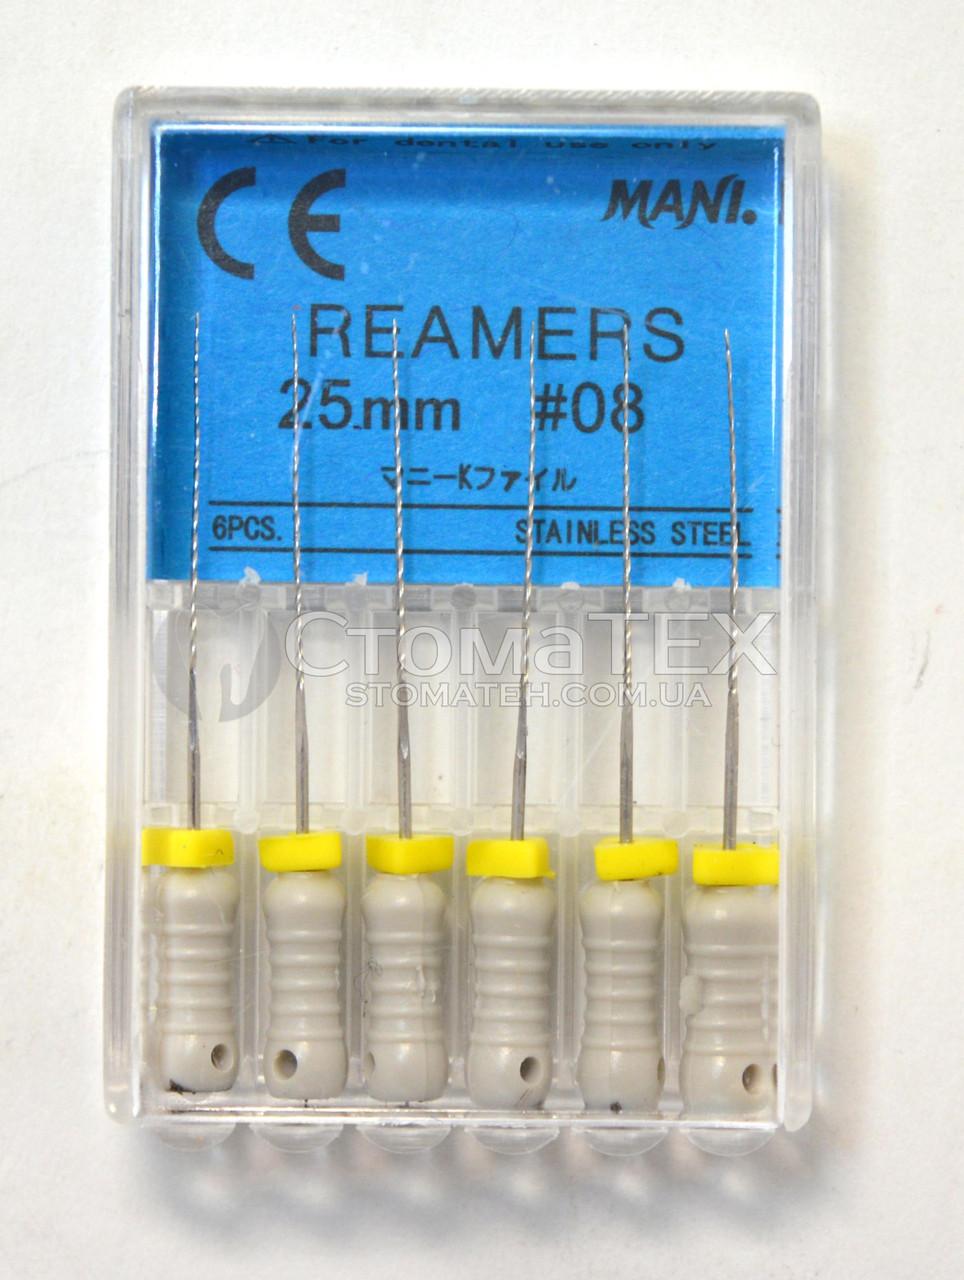 Римеры(Reamers) 25мм, уп.6шт, №08, Mani